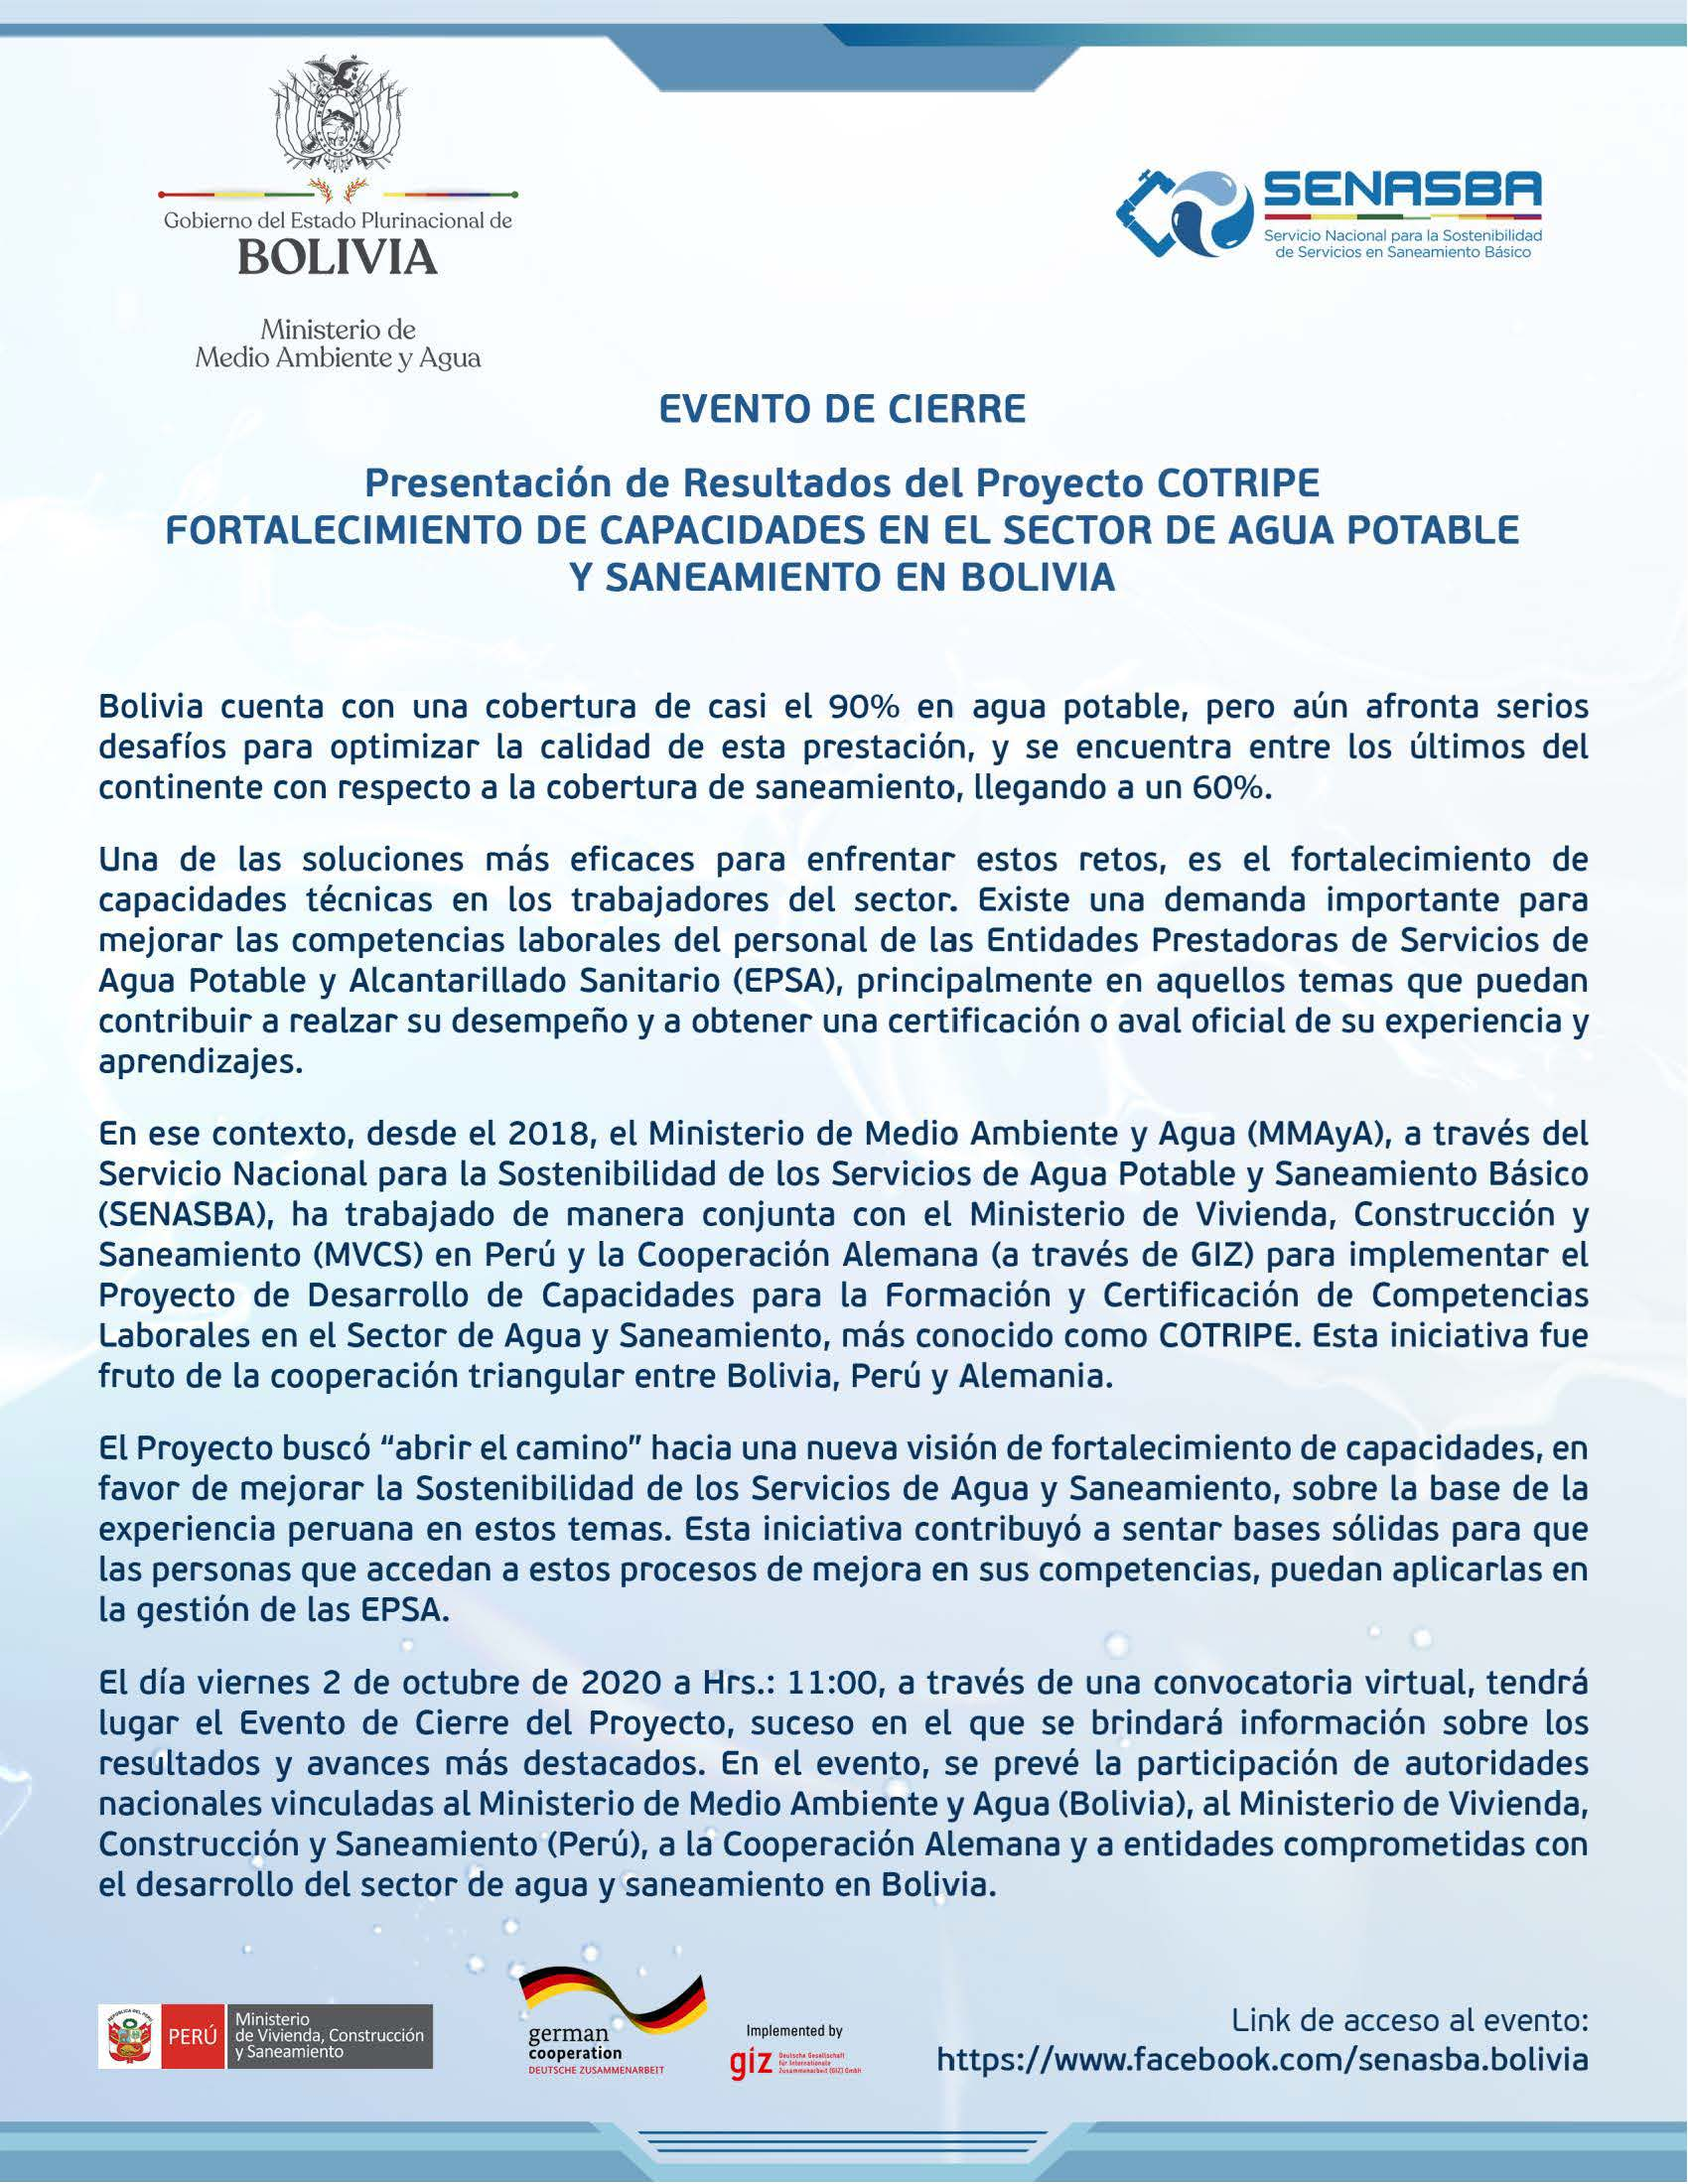 """PRESENTACIÓN DE RESULTADOS DEL PROYECTO """"COTRIPE"""" FORTALECIMIENTO DE CAPACIDADES EN EL SECTOR DE AGUA POTABLE Y SANEAMIENTO EN BOLIVIA"""